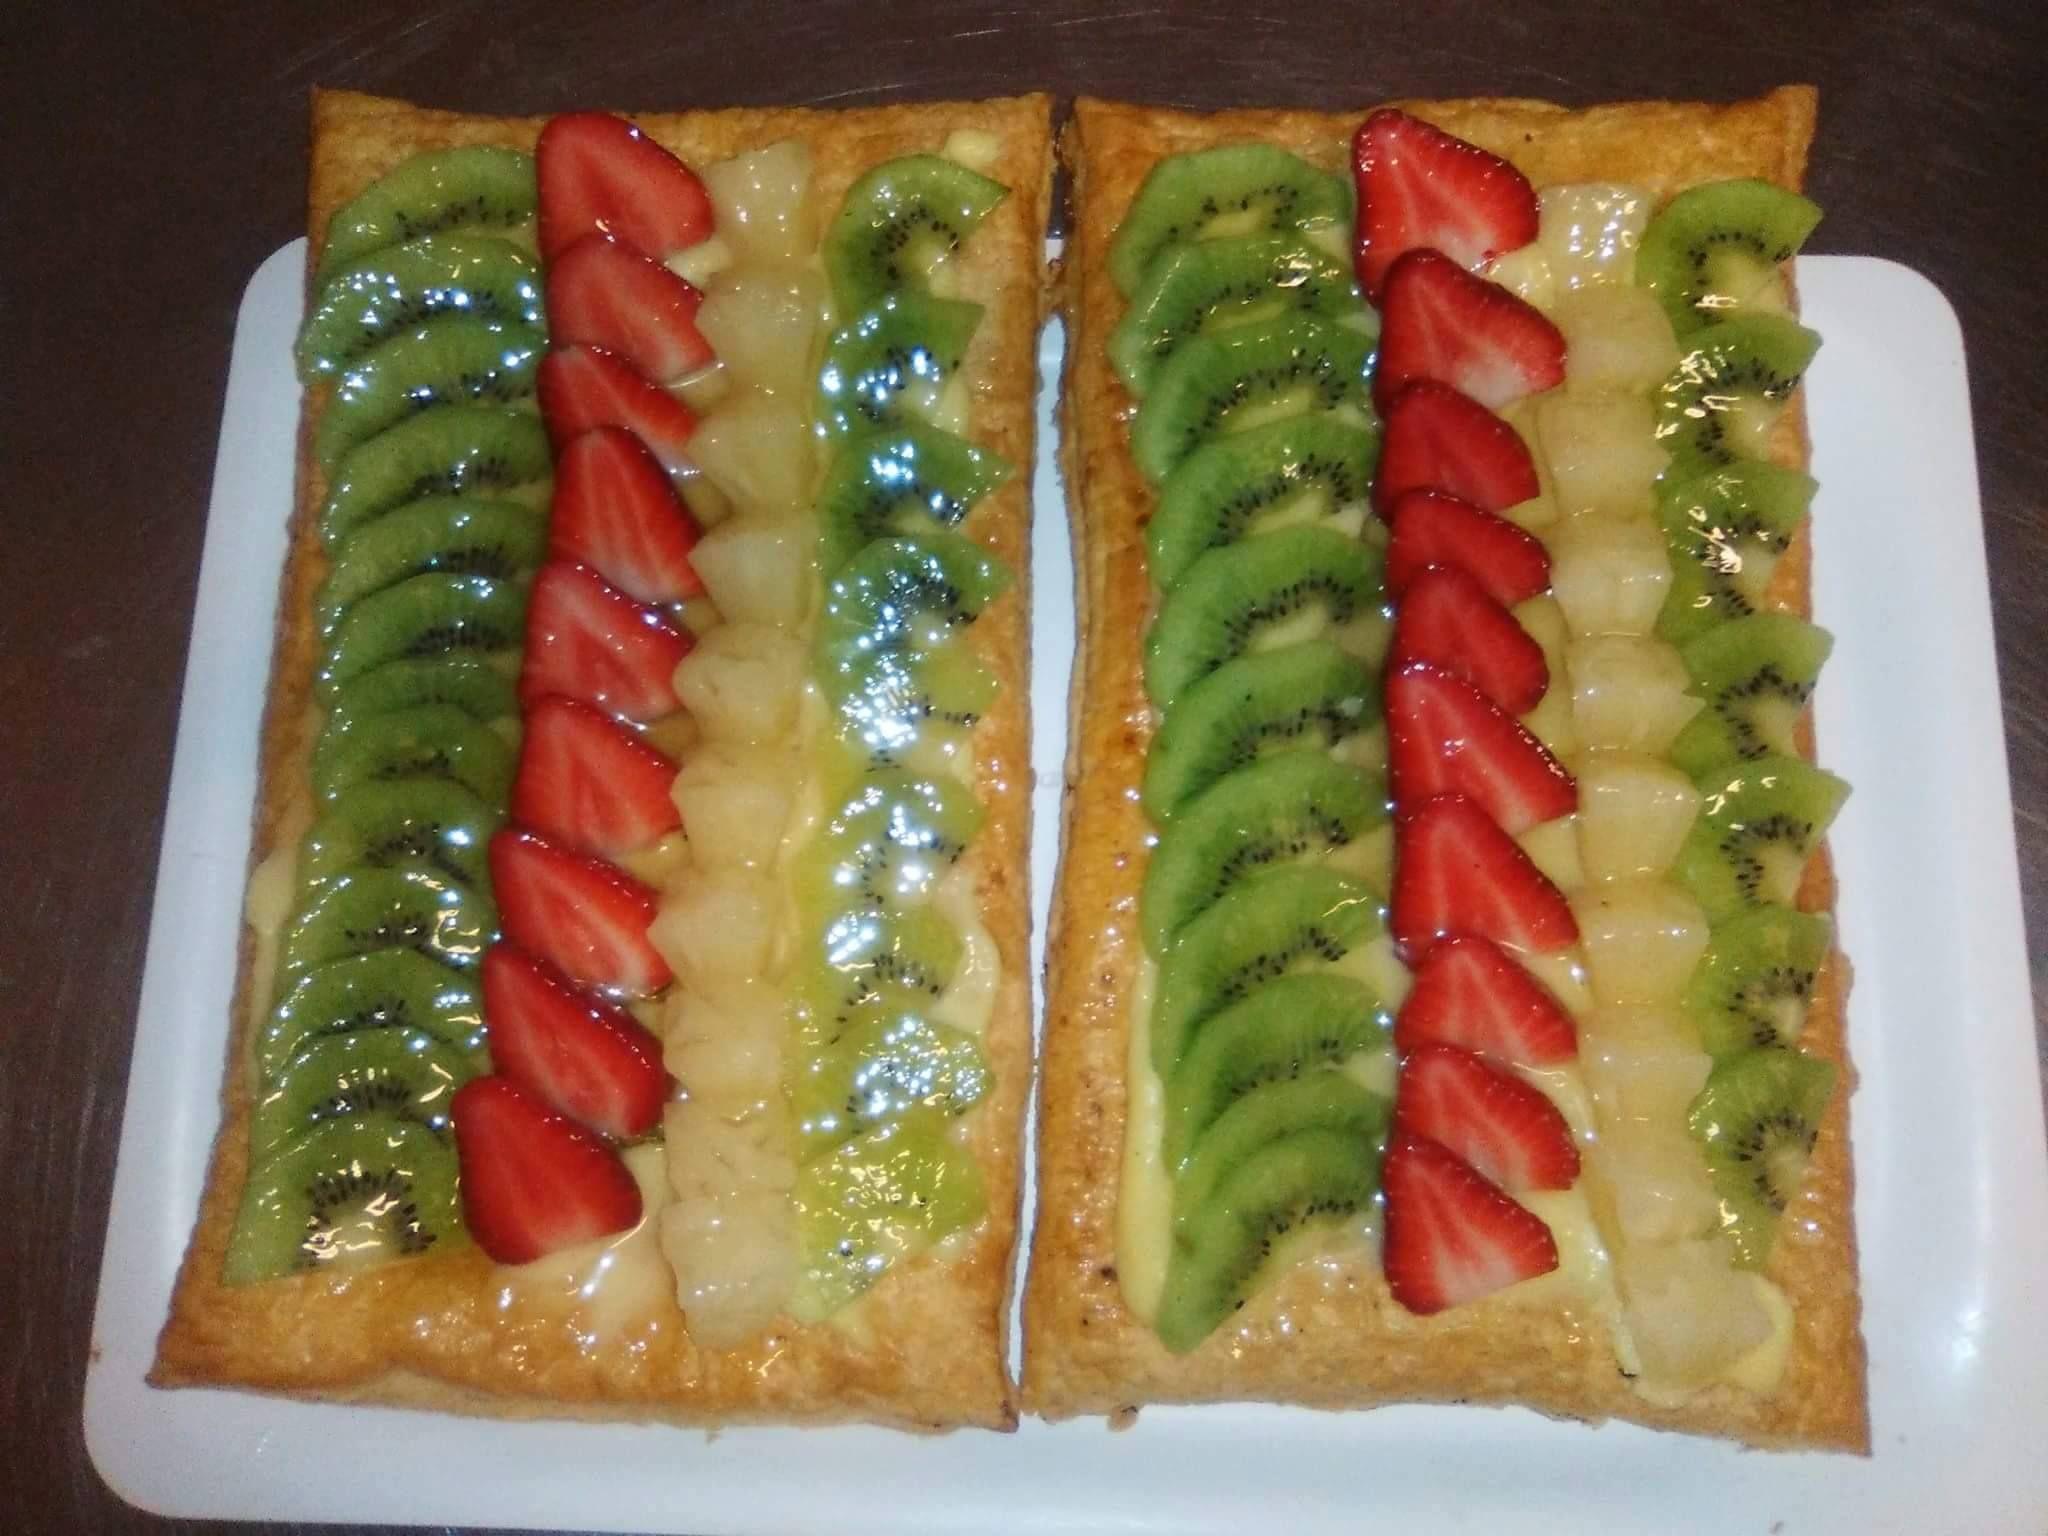 Foto 14 de Panaderías en València | Forn Pastisseria Tonet i Roseta